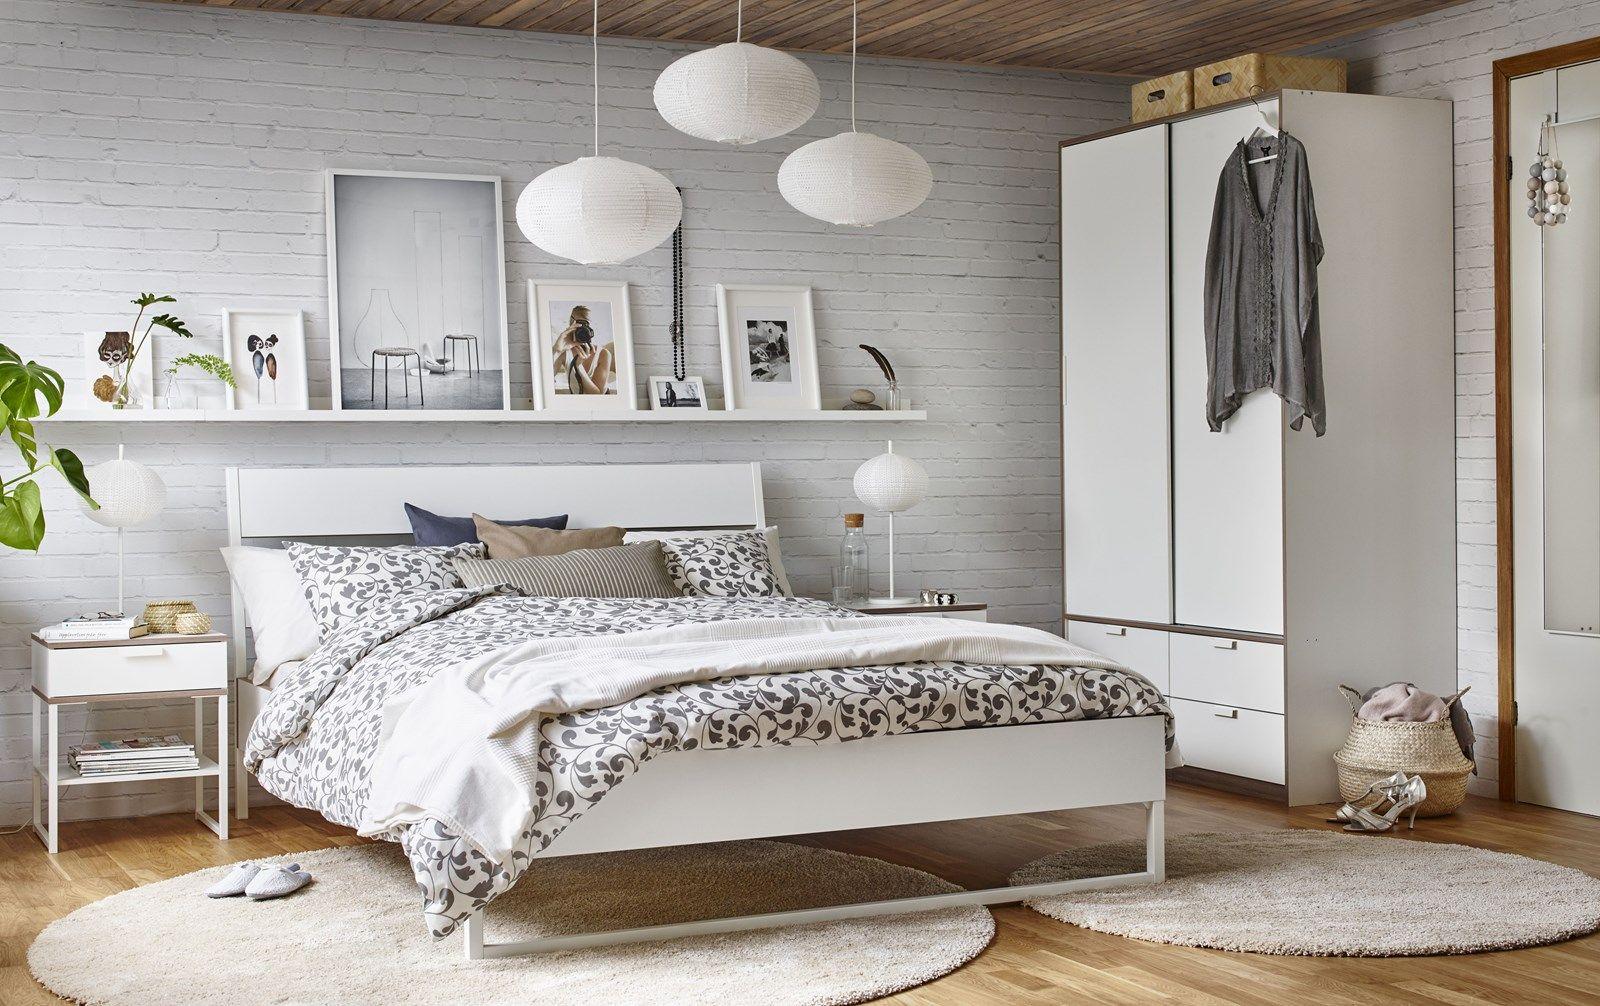 Sypialnia W Stylu Skandynawskim Ikea